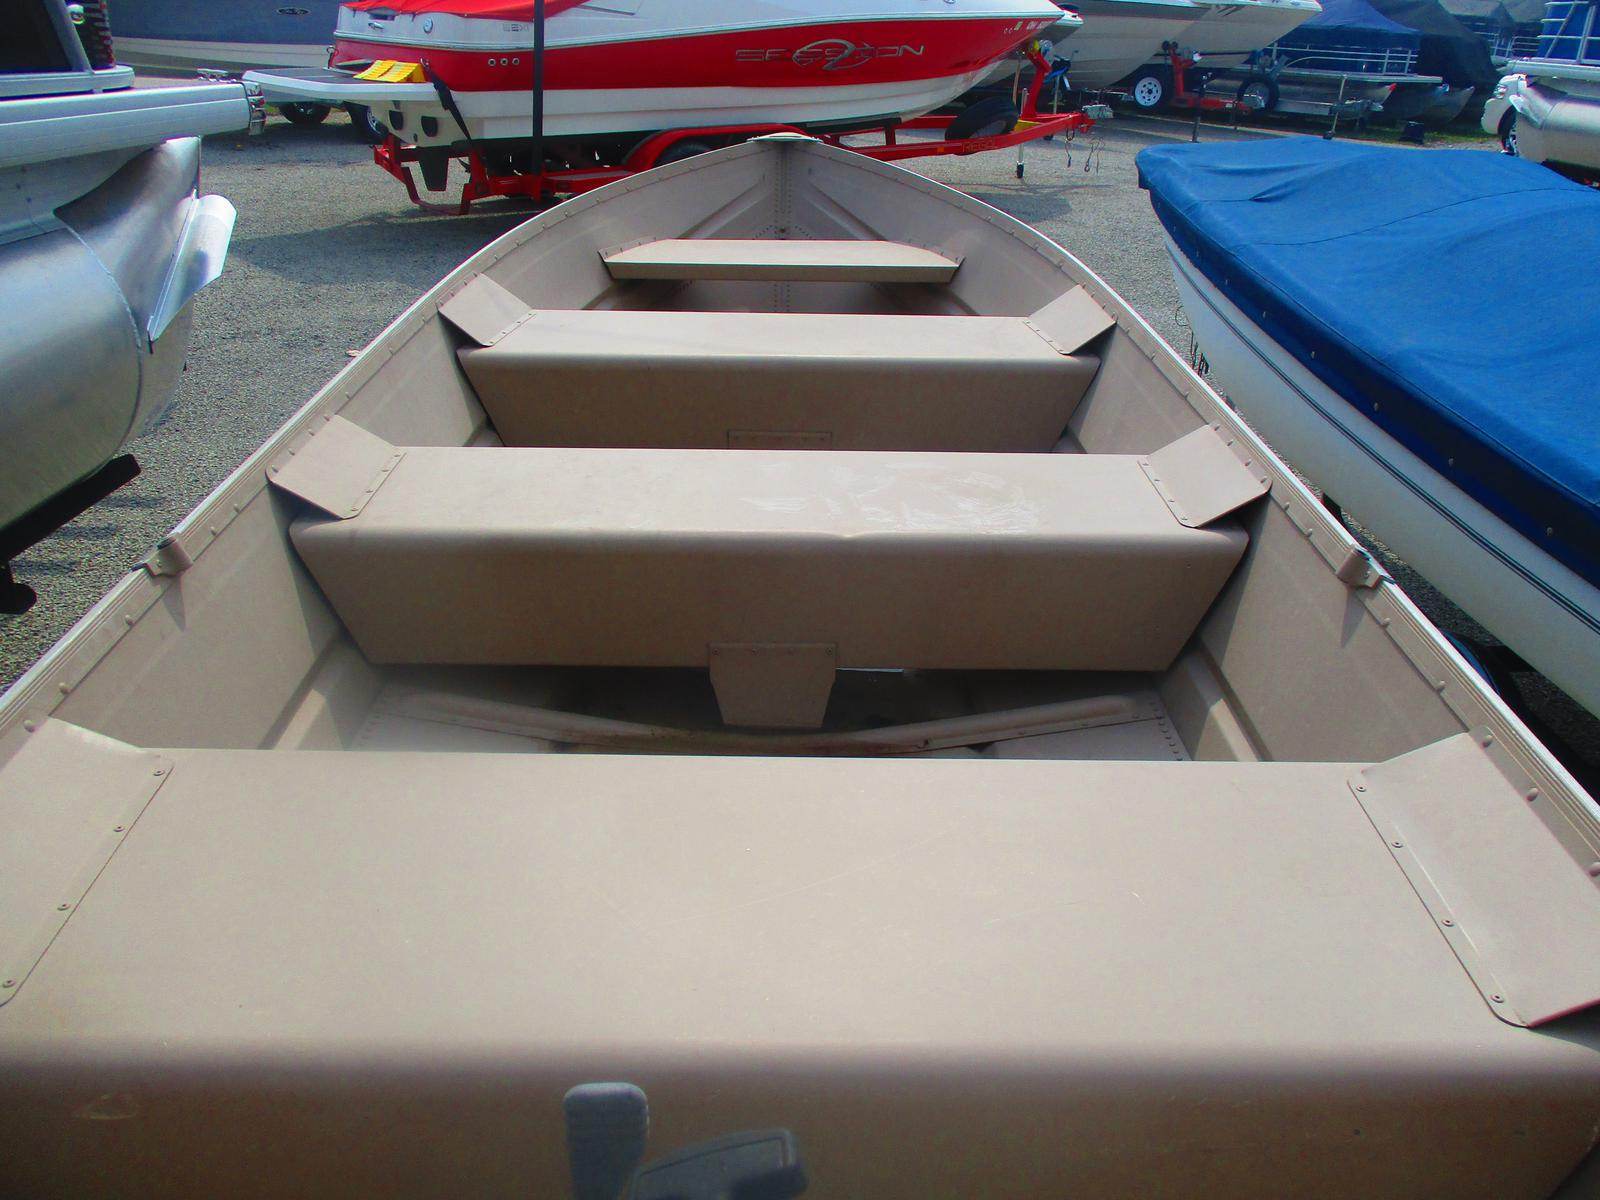 2014 Polar Kraft boat for sale, model of the boat is Dakota V 1260 & Image # 3 of 3